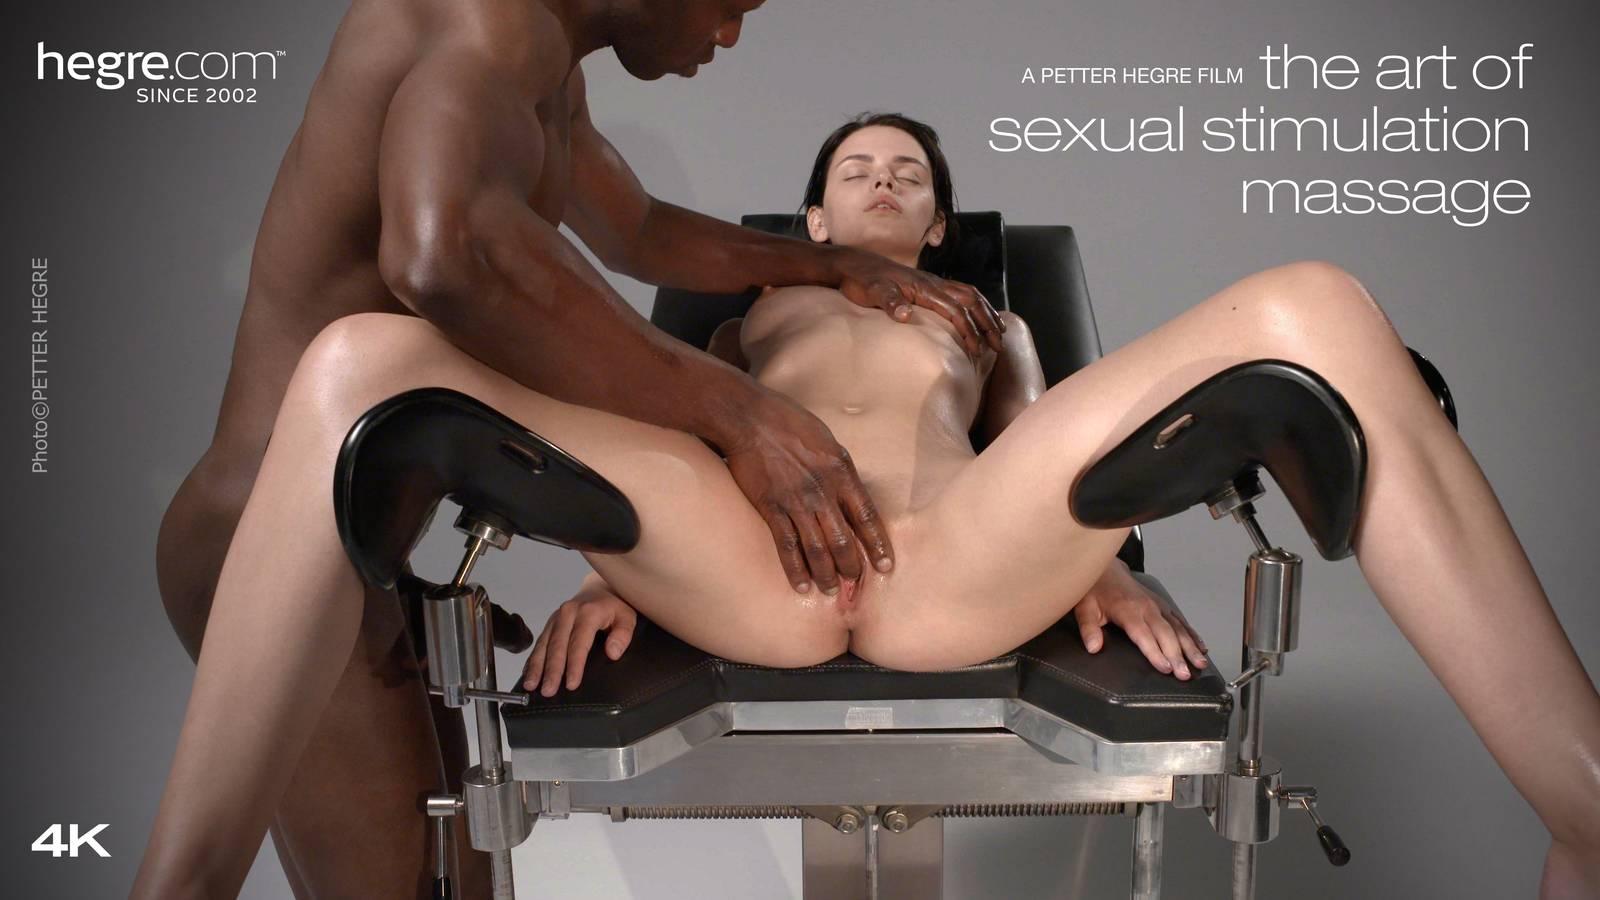 μασάζ σεξ σε viβιον